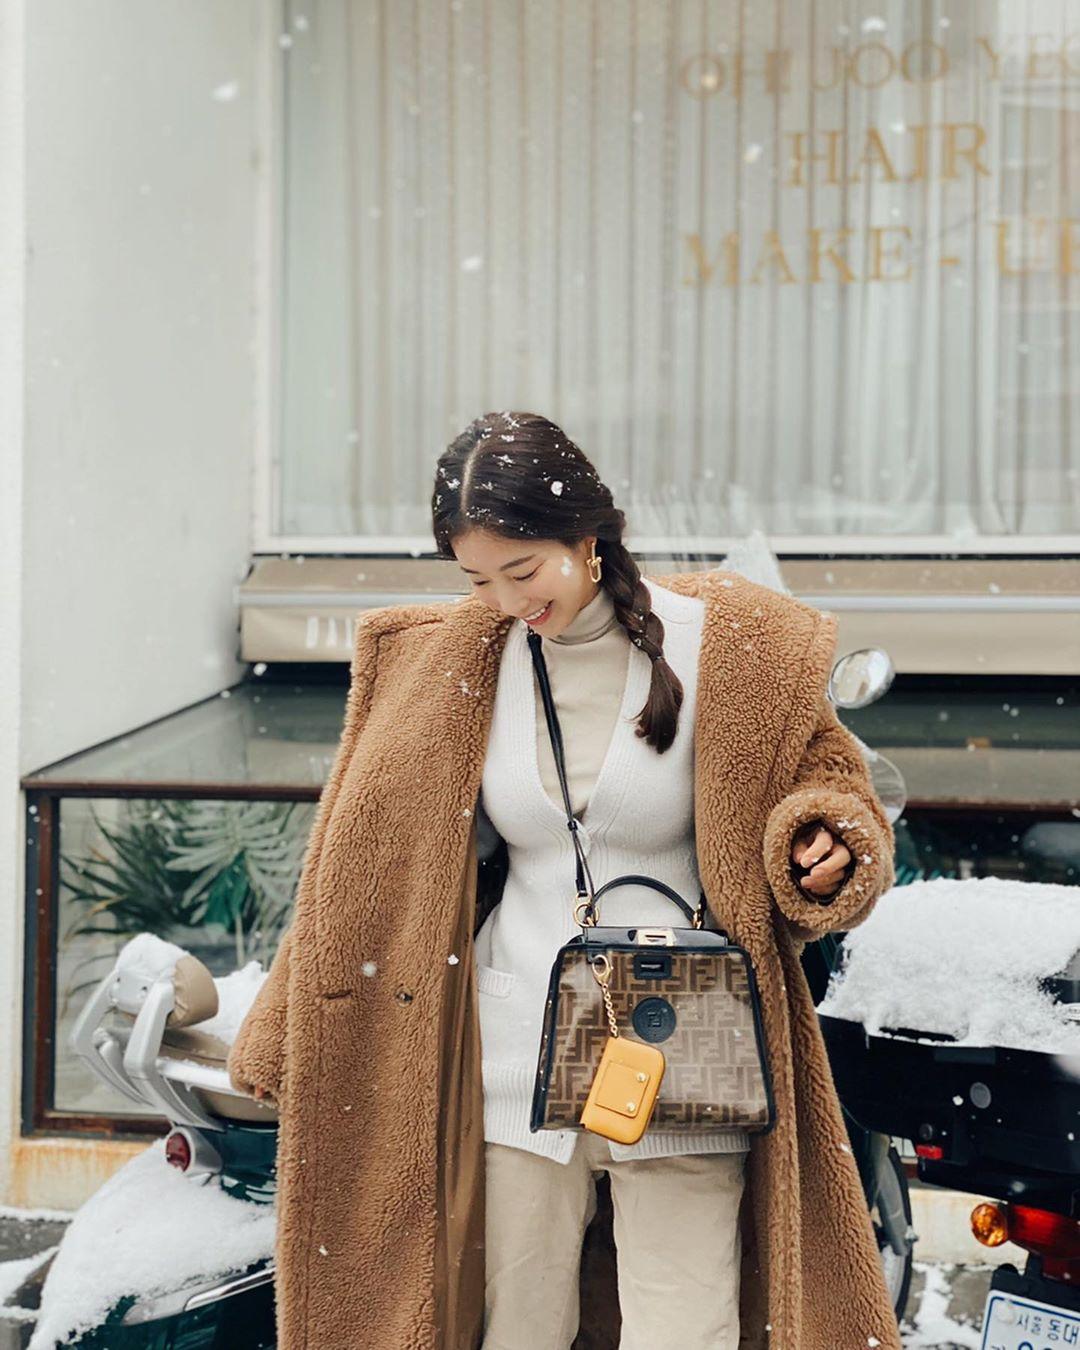 Truyền thông Hàn nhận xét Ki Eun Se sành điệu, như bước ra từ tạp chí khi dạo chơi tuyết ở Seoul vài ngày trước đó. Cô mang túi đeo chéo họa tiết FF gam nâu chủ đạo của Fendi.